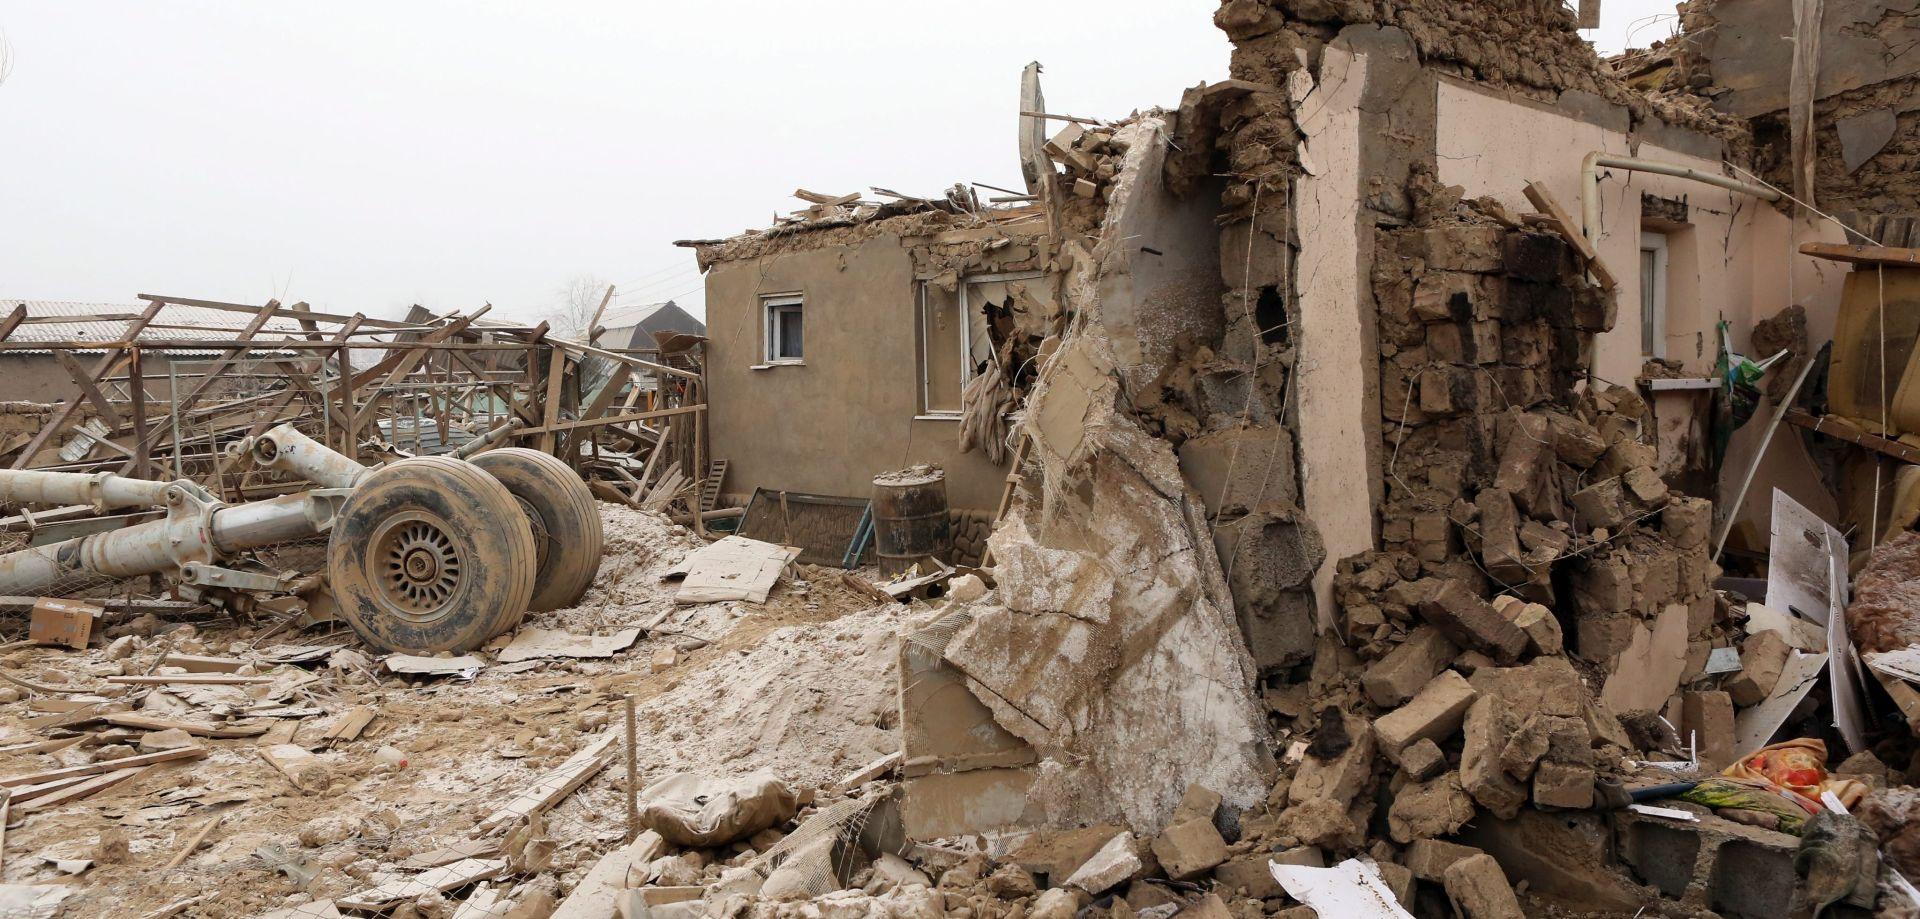 KIRGISTAN Turski teretni zrakolov srušio se na selo kraj zračne luke, najmanje 36 mrtvih